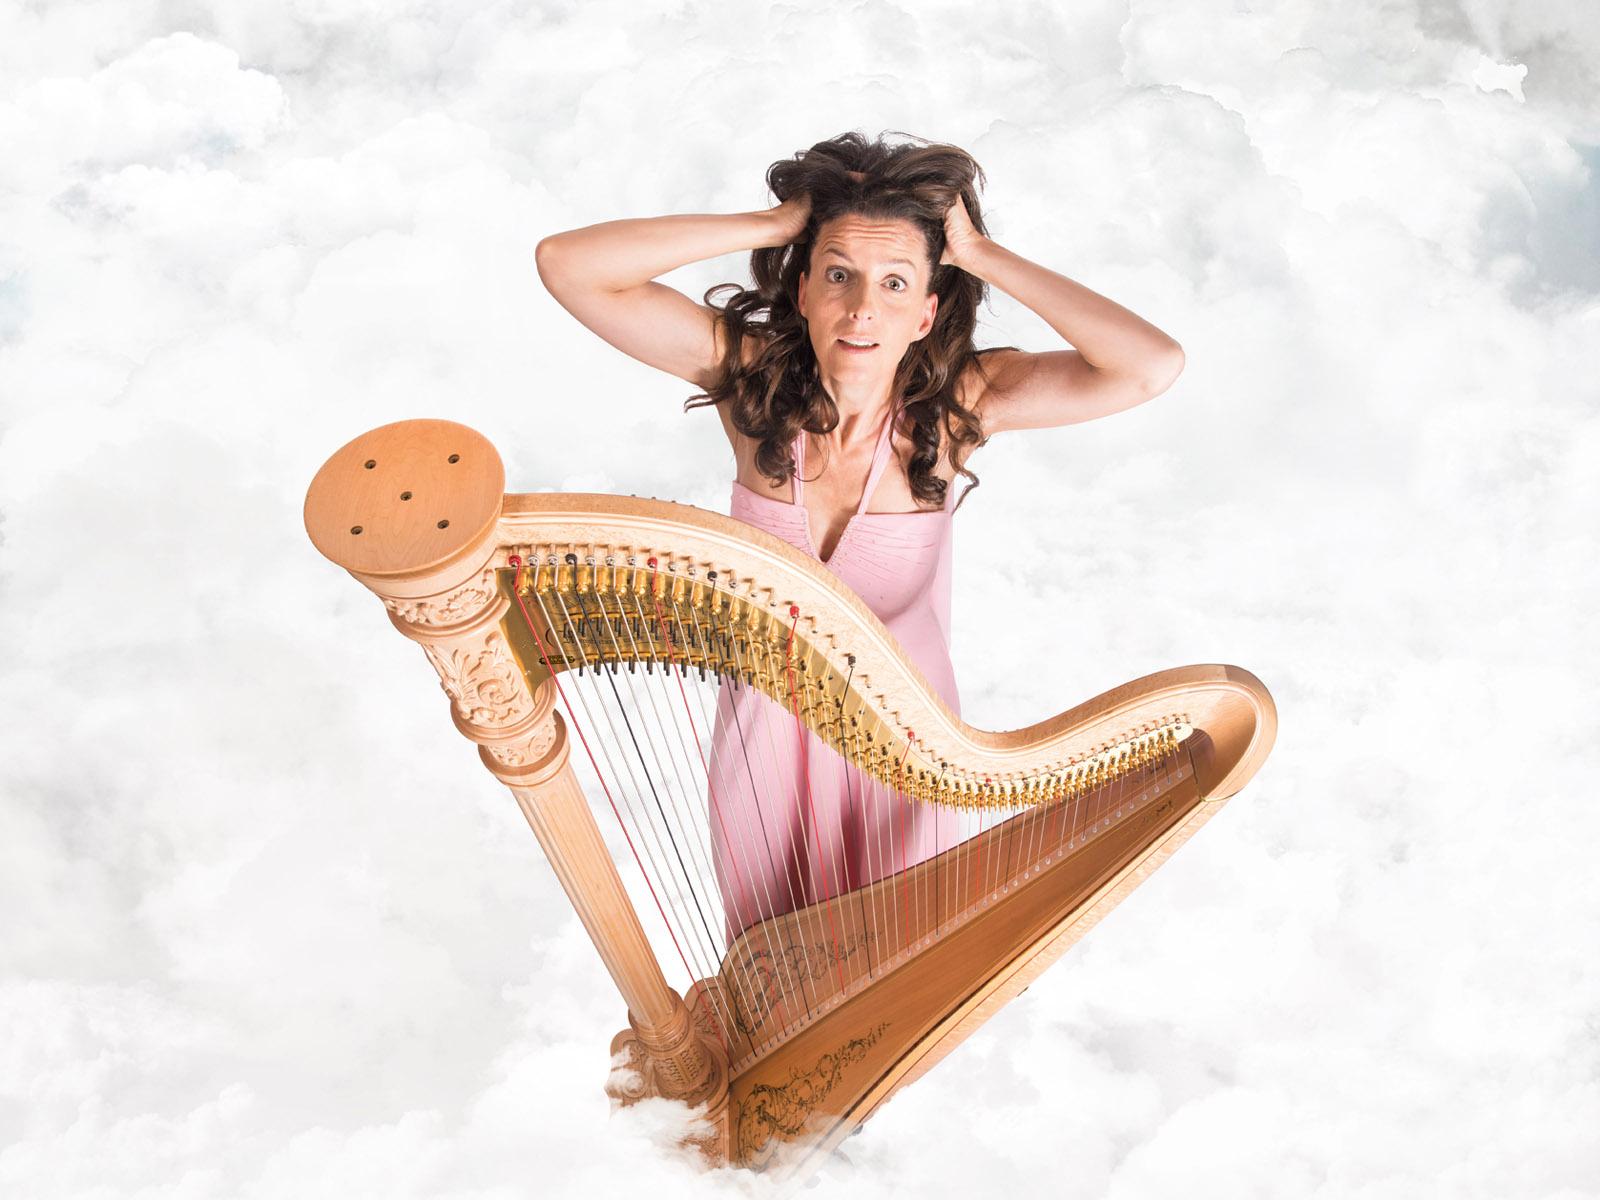 Lebenslänglich Frohlocken - Kabarettistische Lesung mit Musik